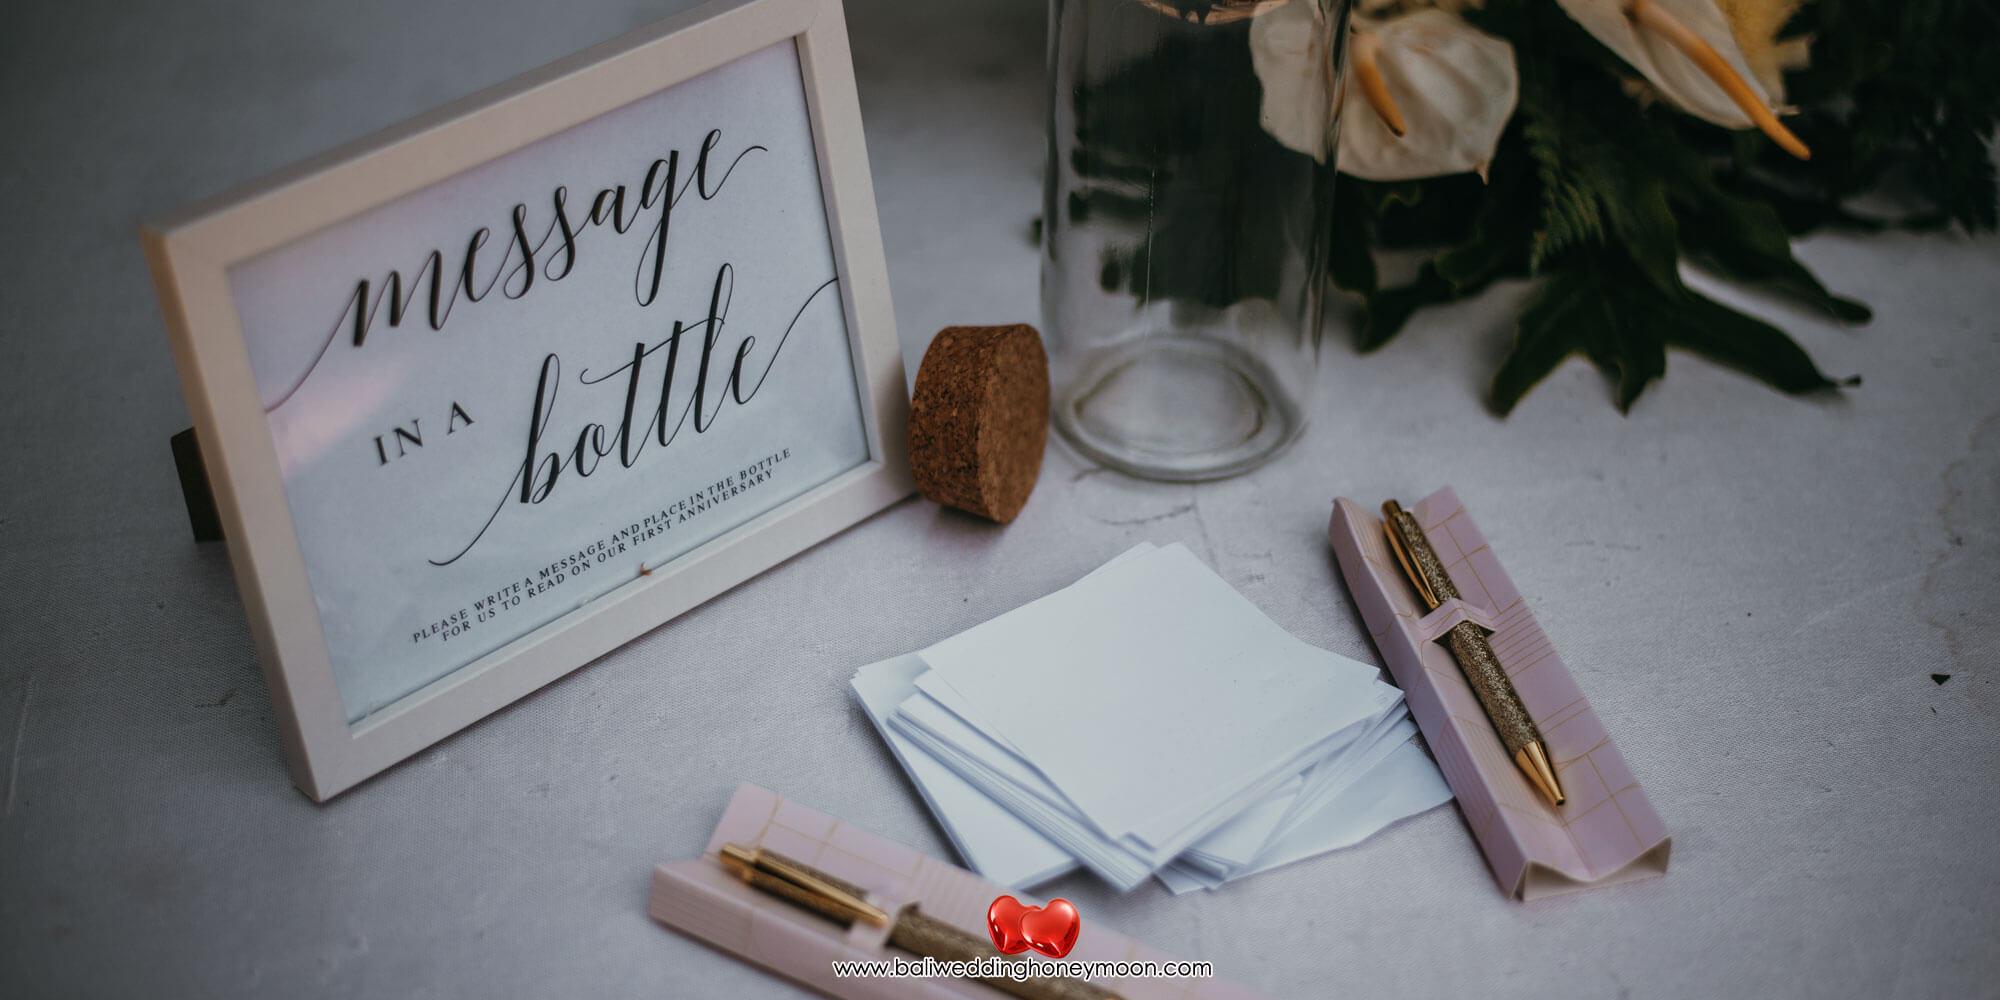 weddingvenuebali-villawedding-baliweddinghoneymoon-baliweddingorganizer-baliweddingplanner-baliweddingpackage-pushpapuri